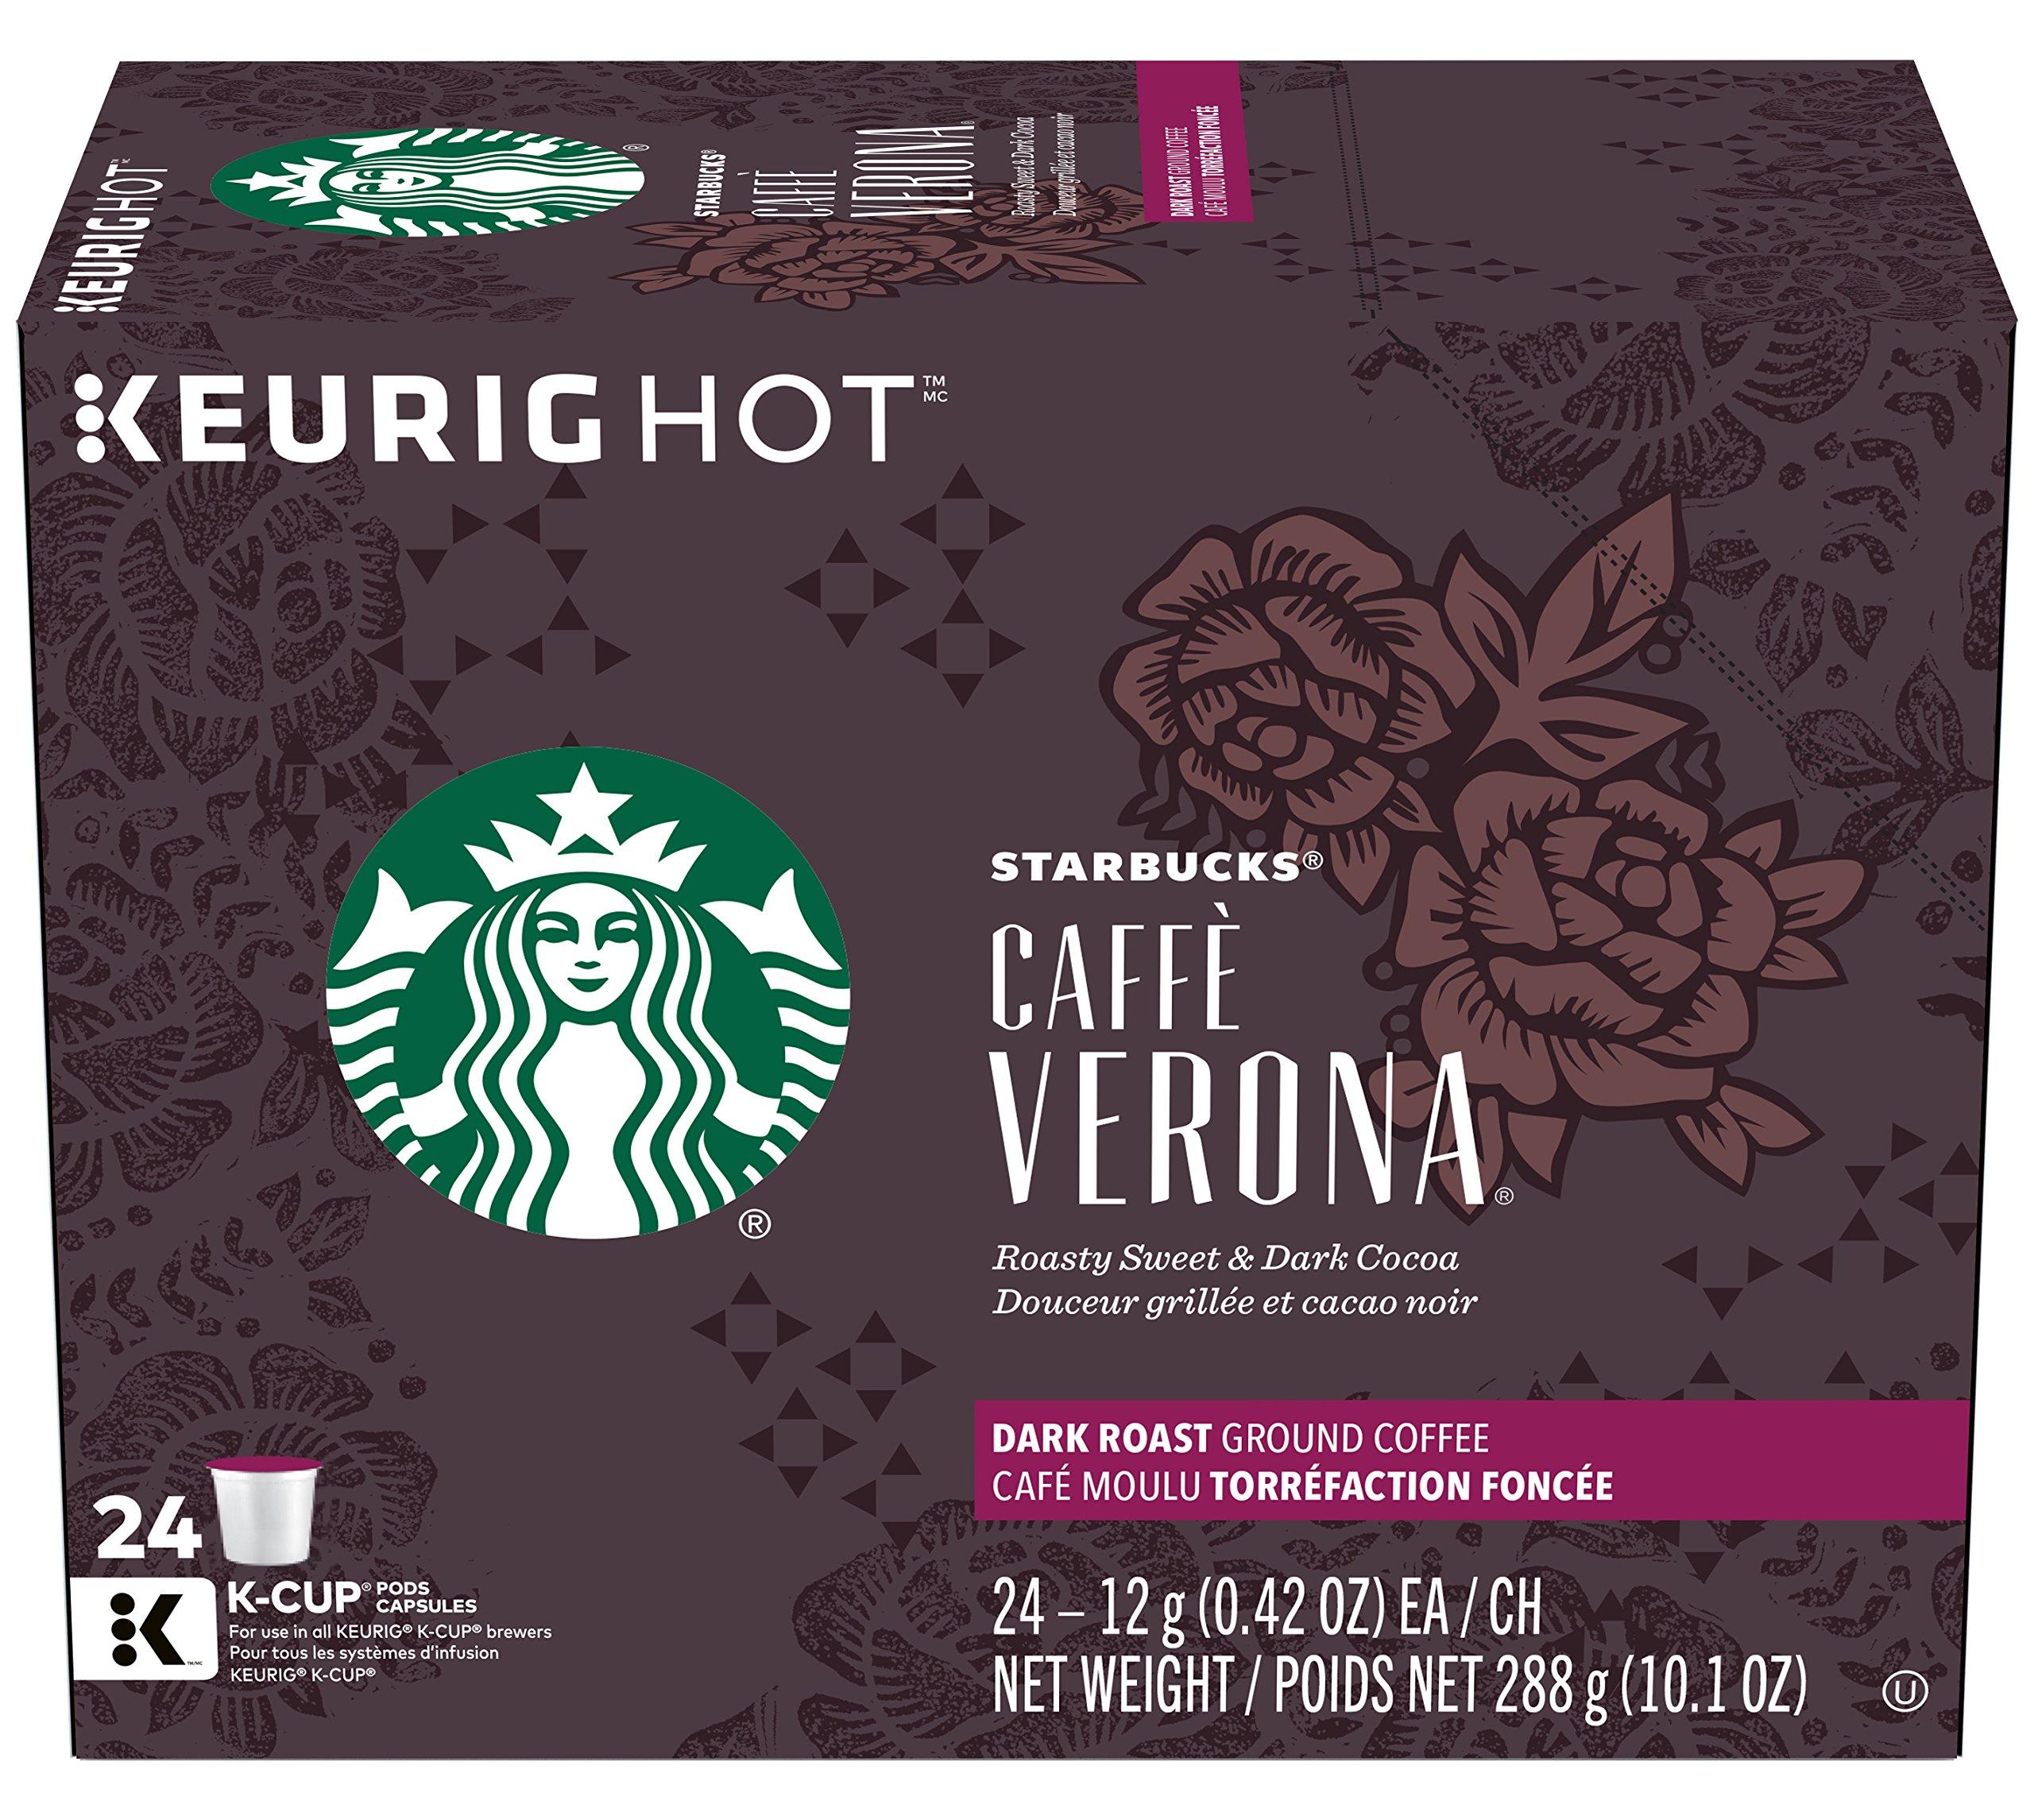 Starbucks Caffè Verona Dark Roast Single Cup Coffee for Keurig Brewers, 1 Box of 24 (24 Total K-Cup pods)